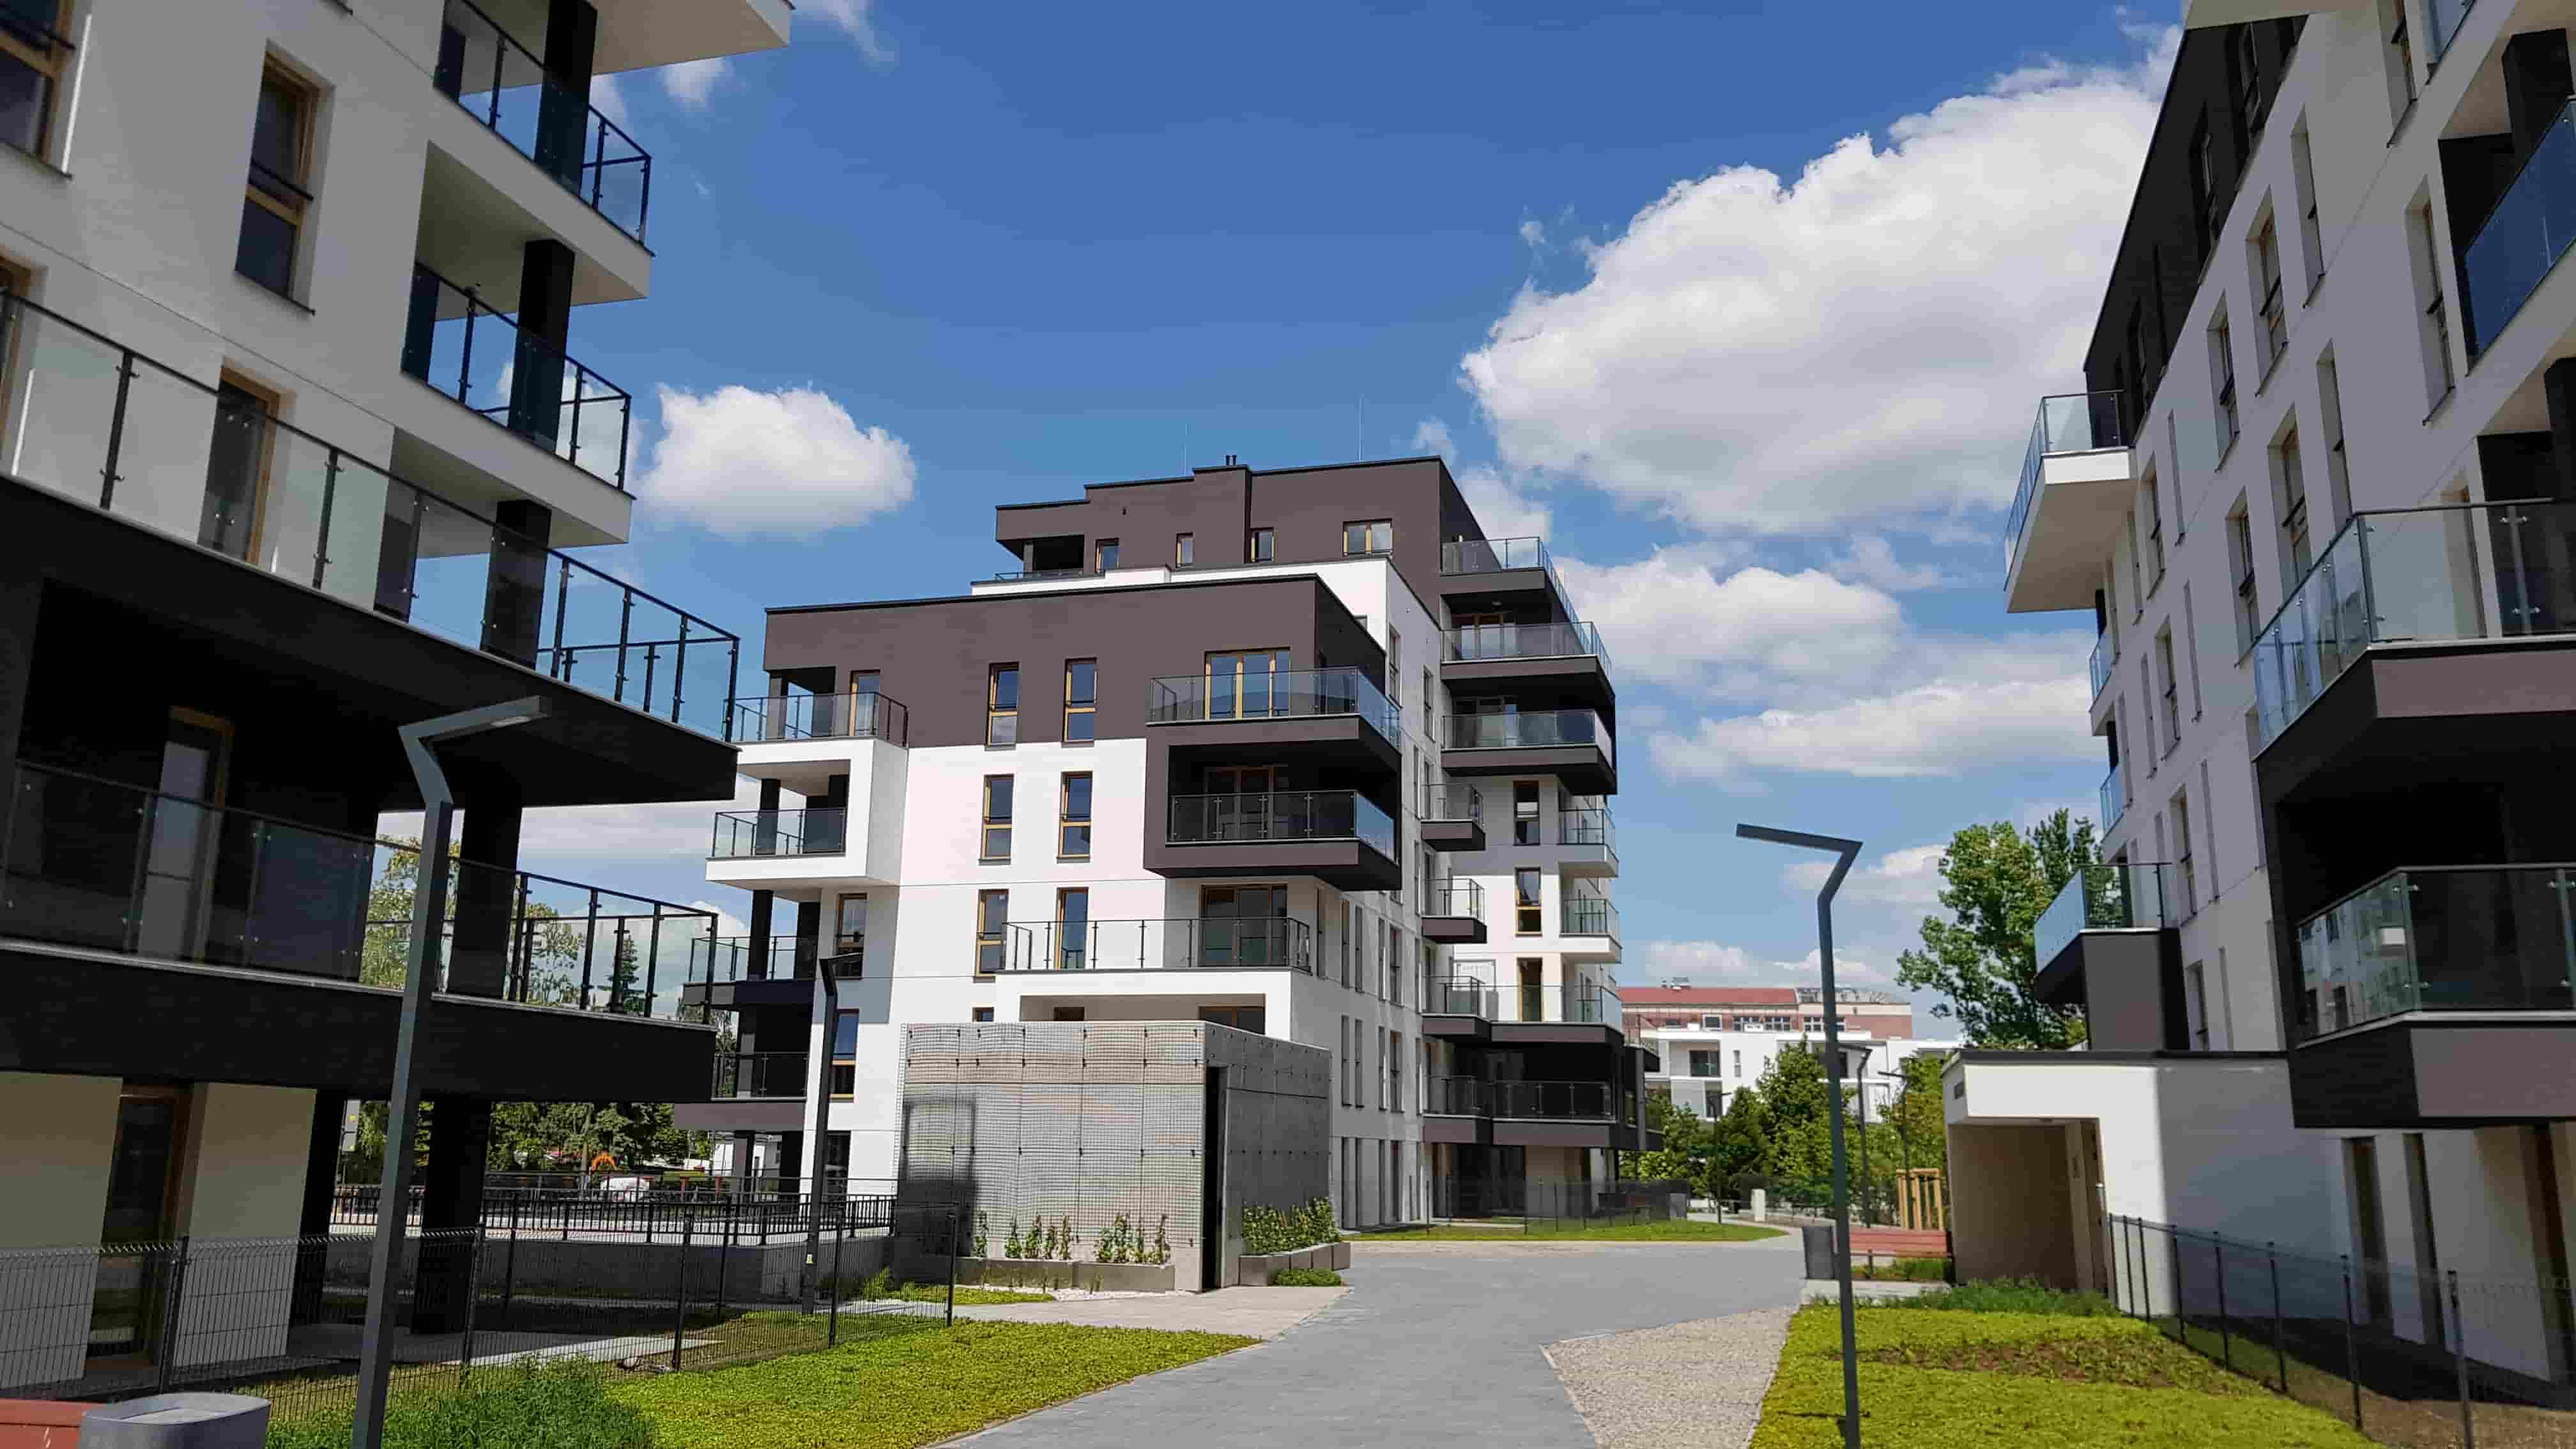 teren Wspólnoty Mieszkaniowej Osiedle Bardowskiego 1 w Katowicach